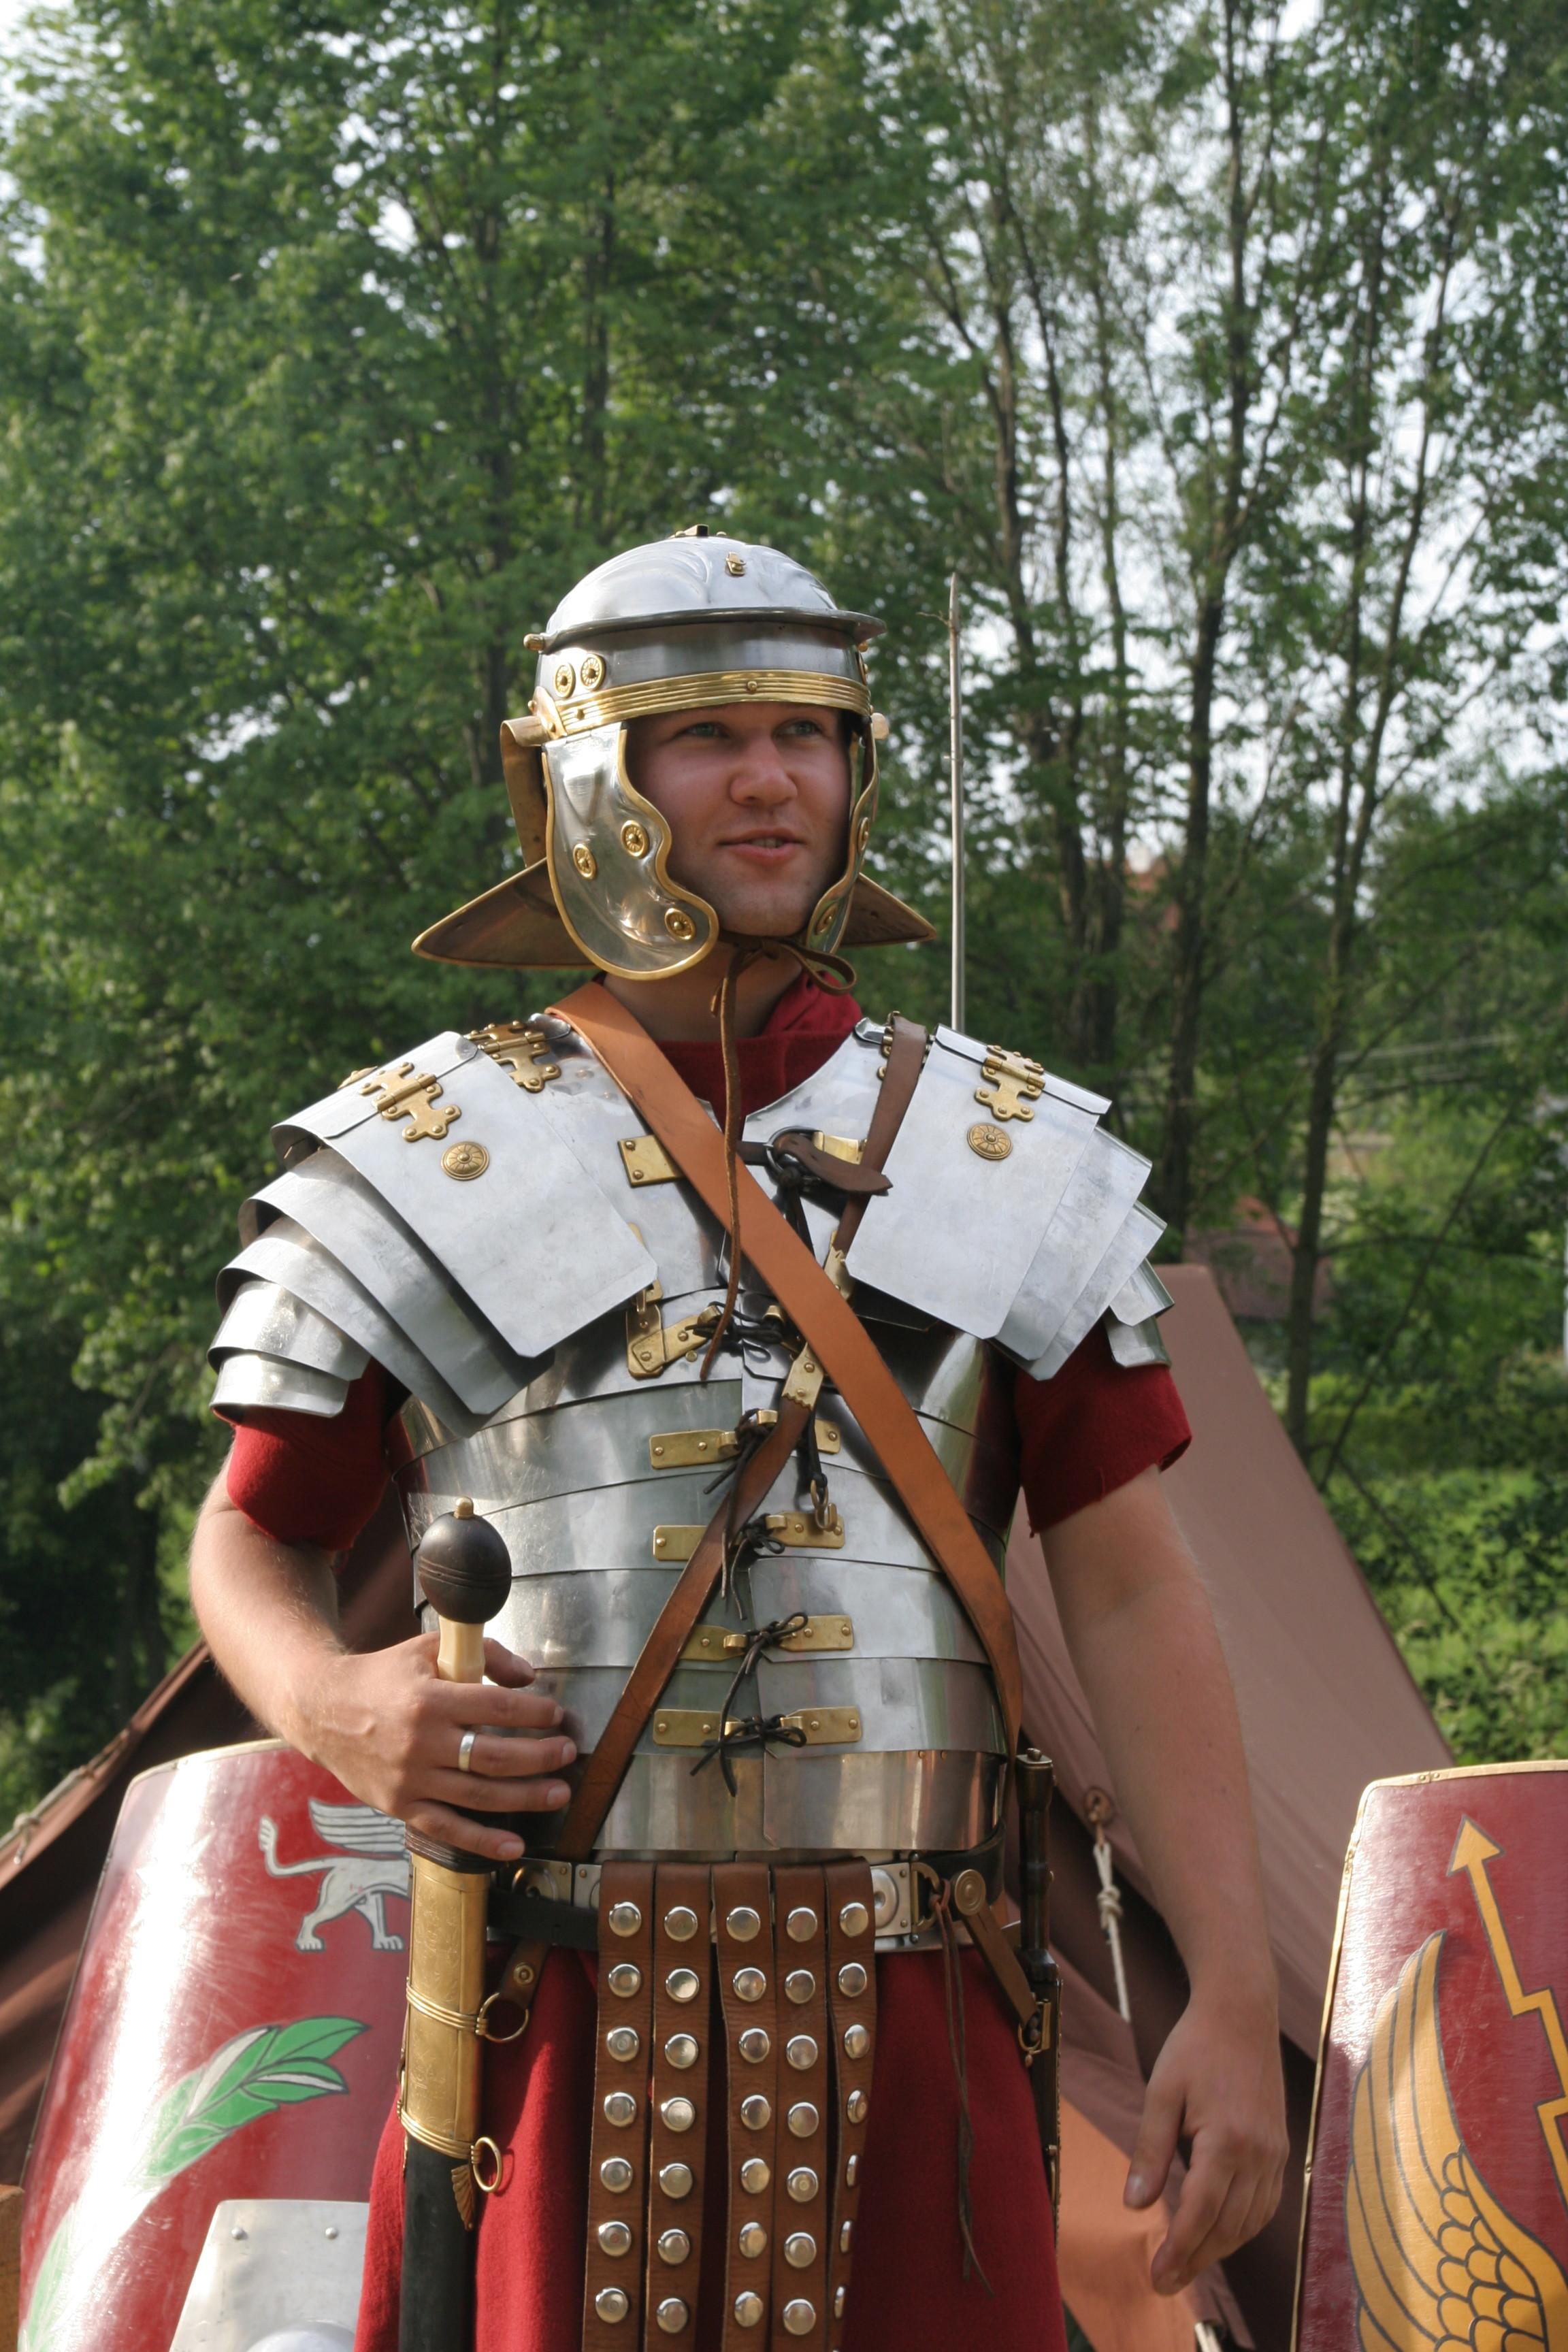 Uniforme de Légionnaire romain du 1er siècle de notre ère